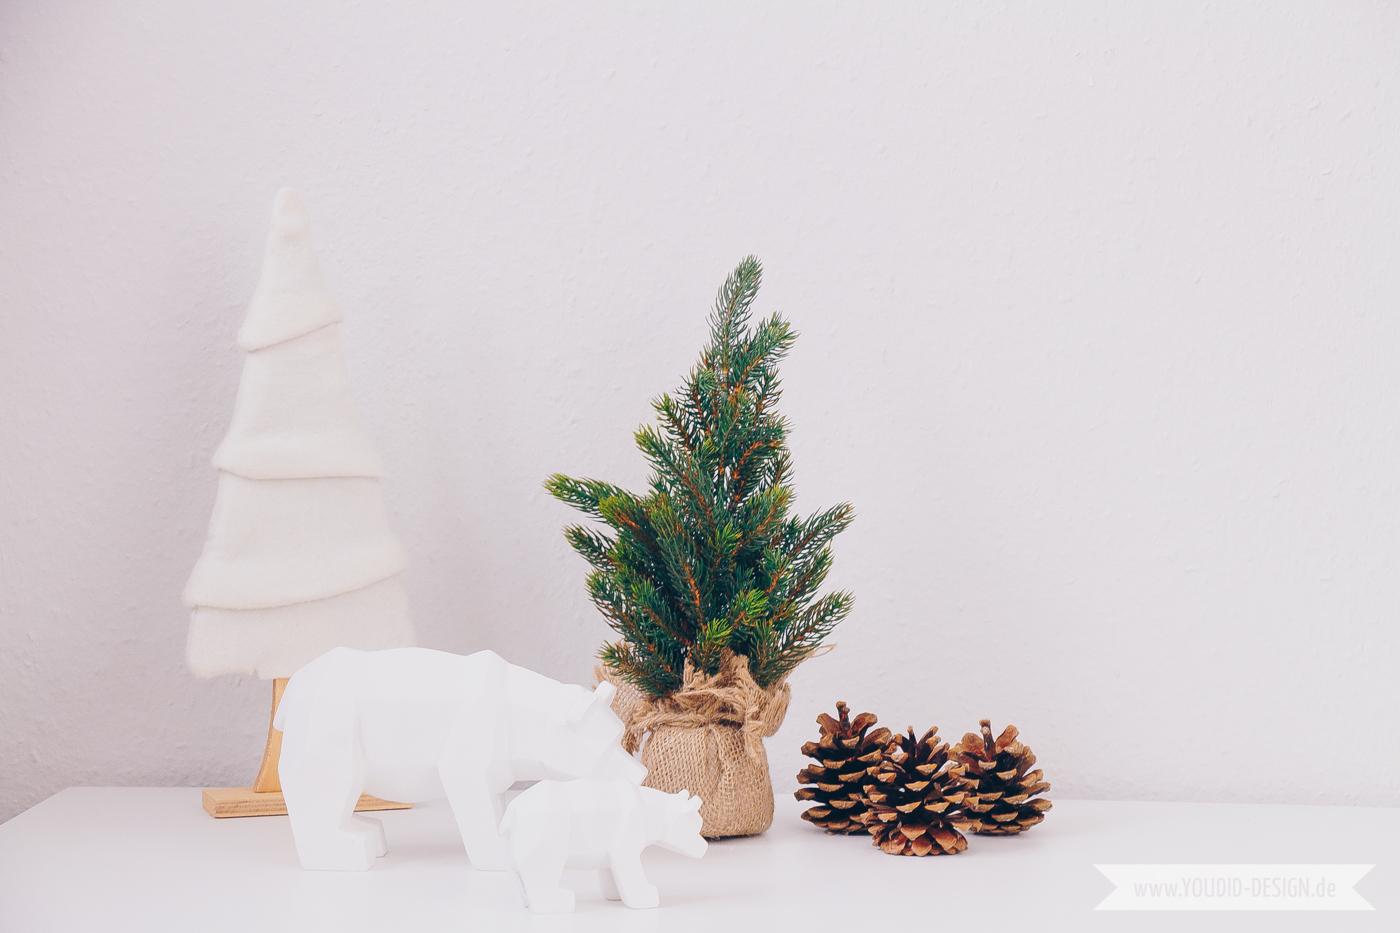 Minimalistische skandinavische weihnachtsdeko linksammlung youdid - Design weihnachtsdeko ...